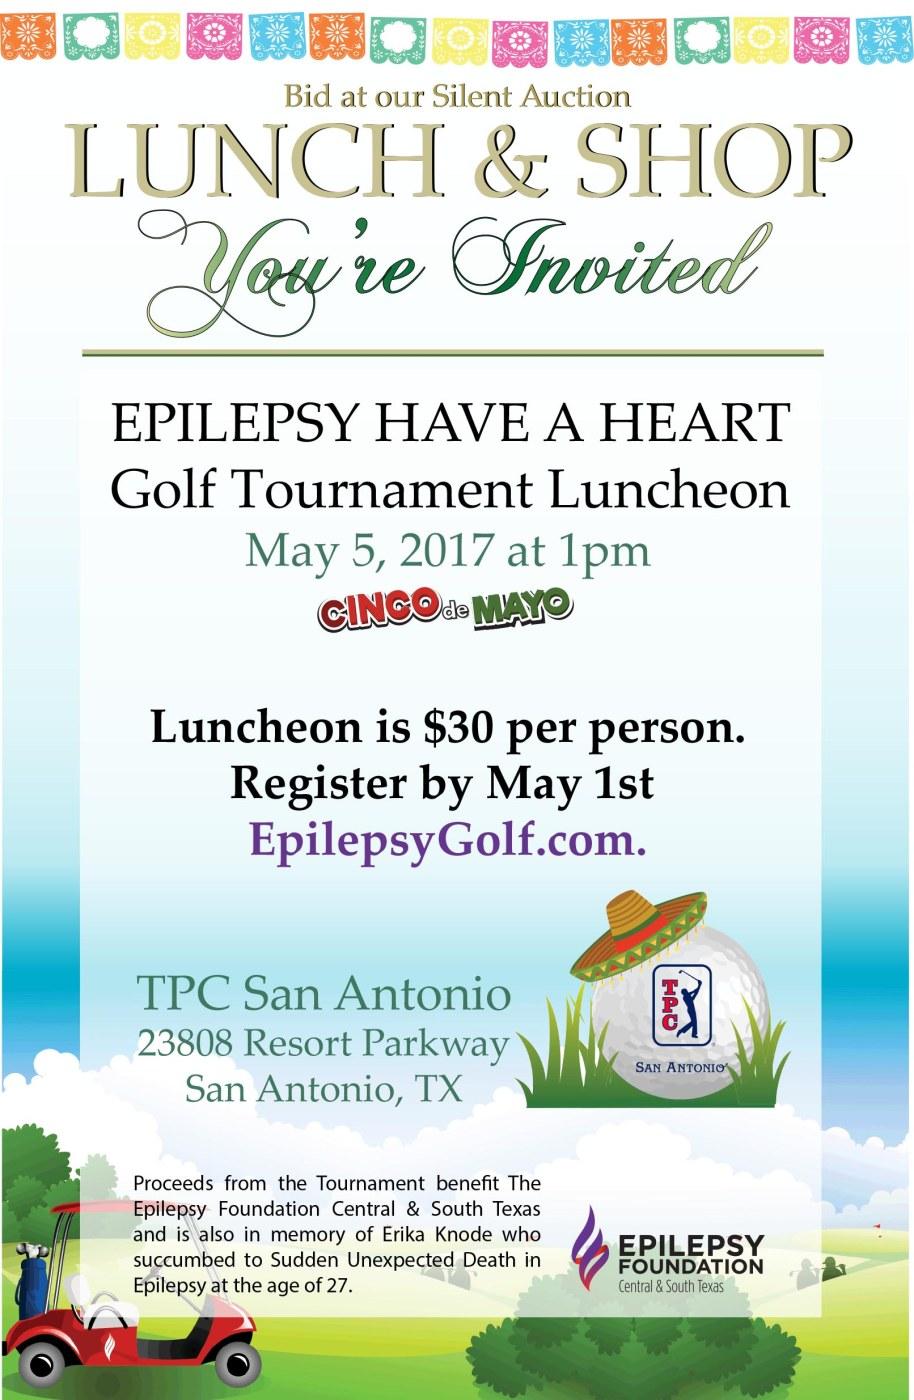 SA Golf Lunch & Shop Invite